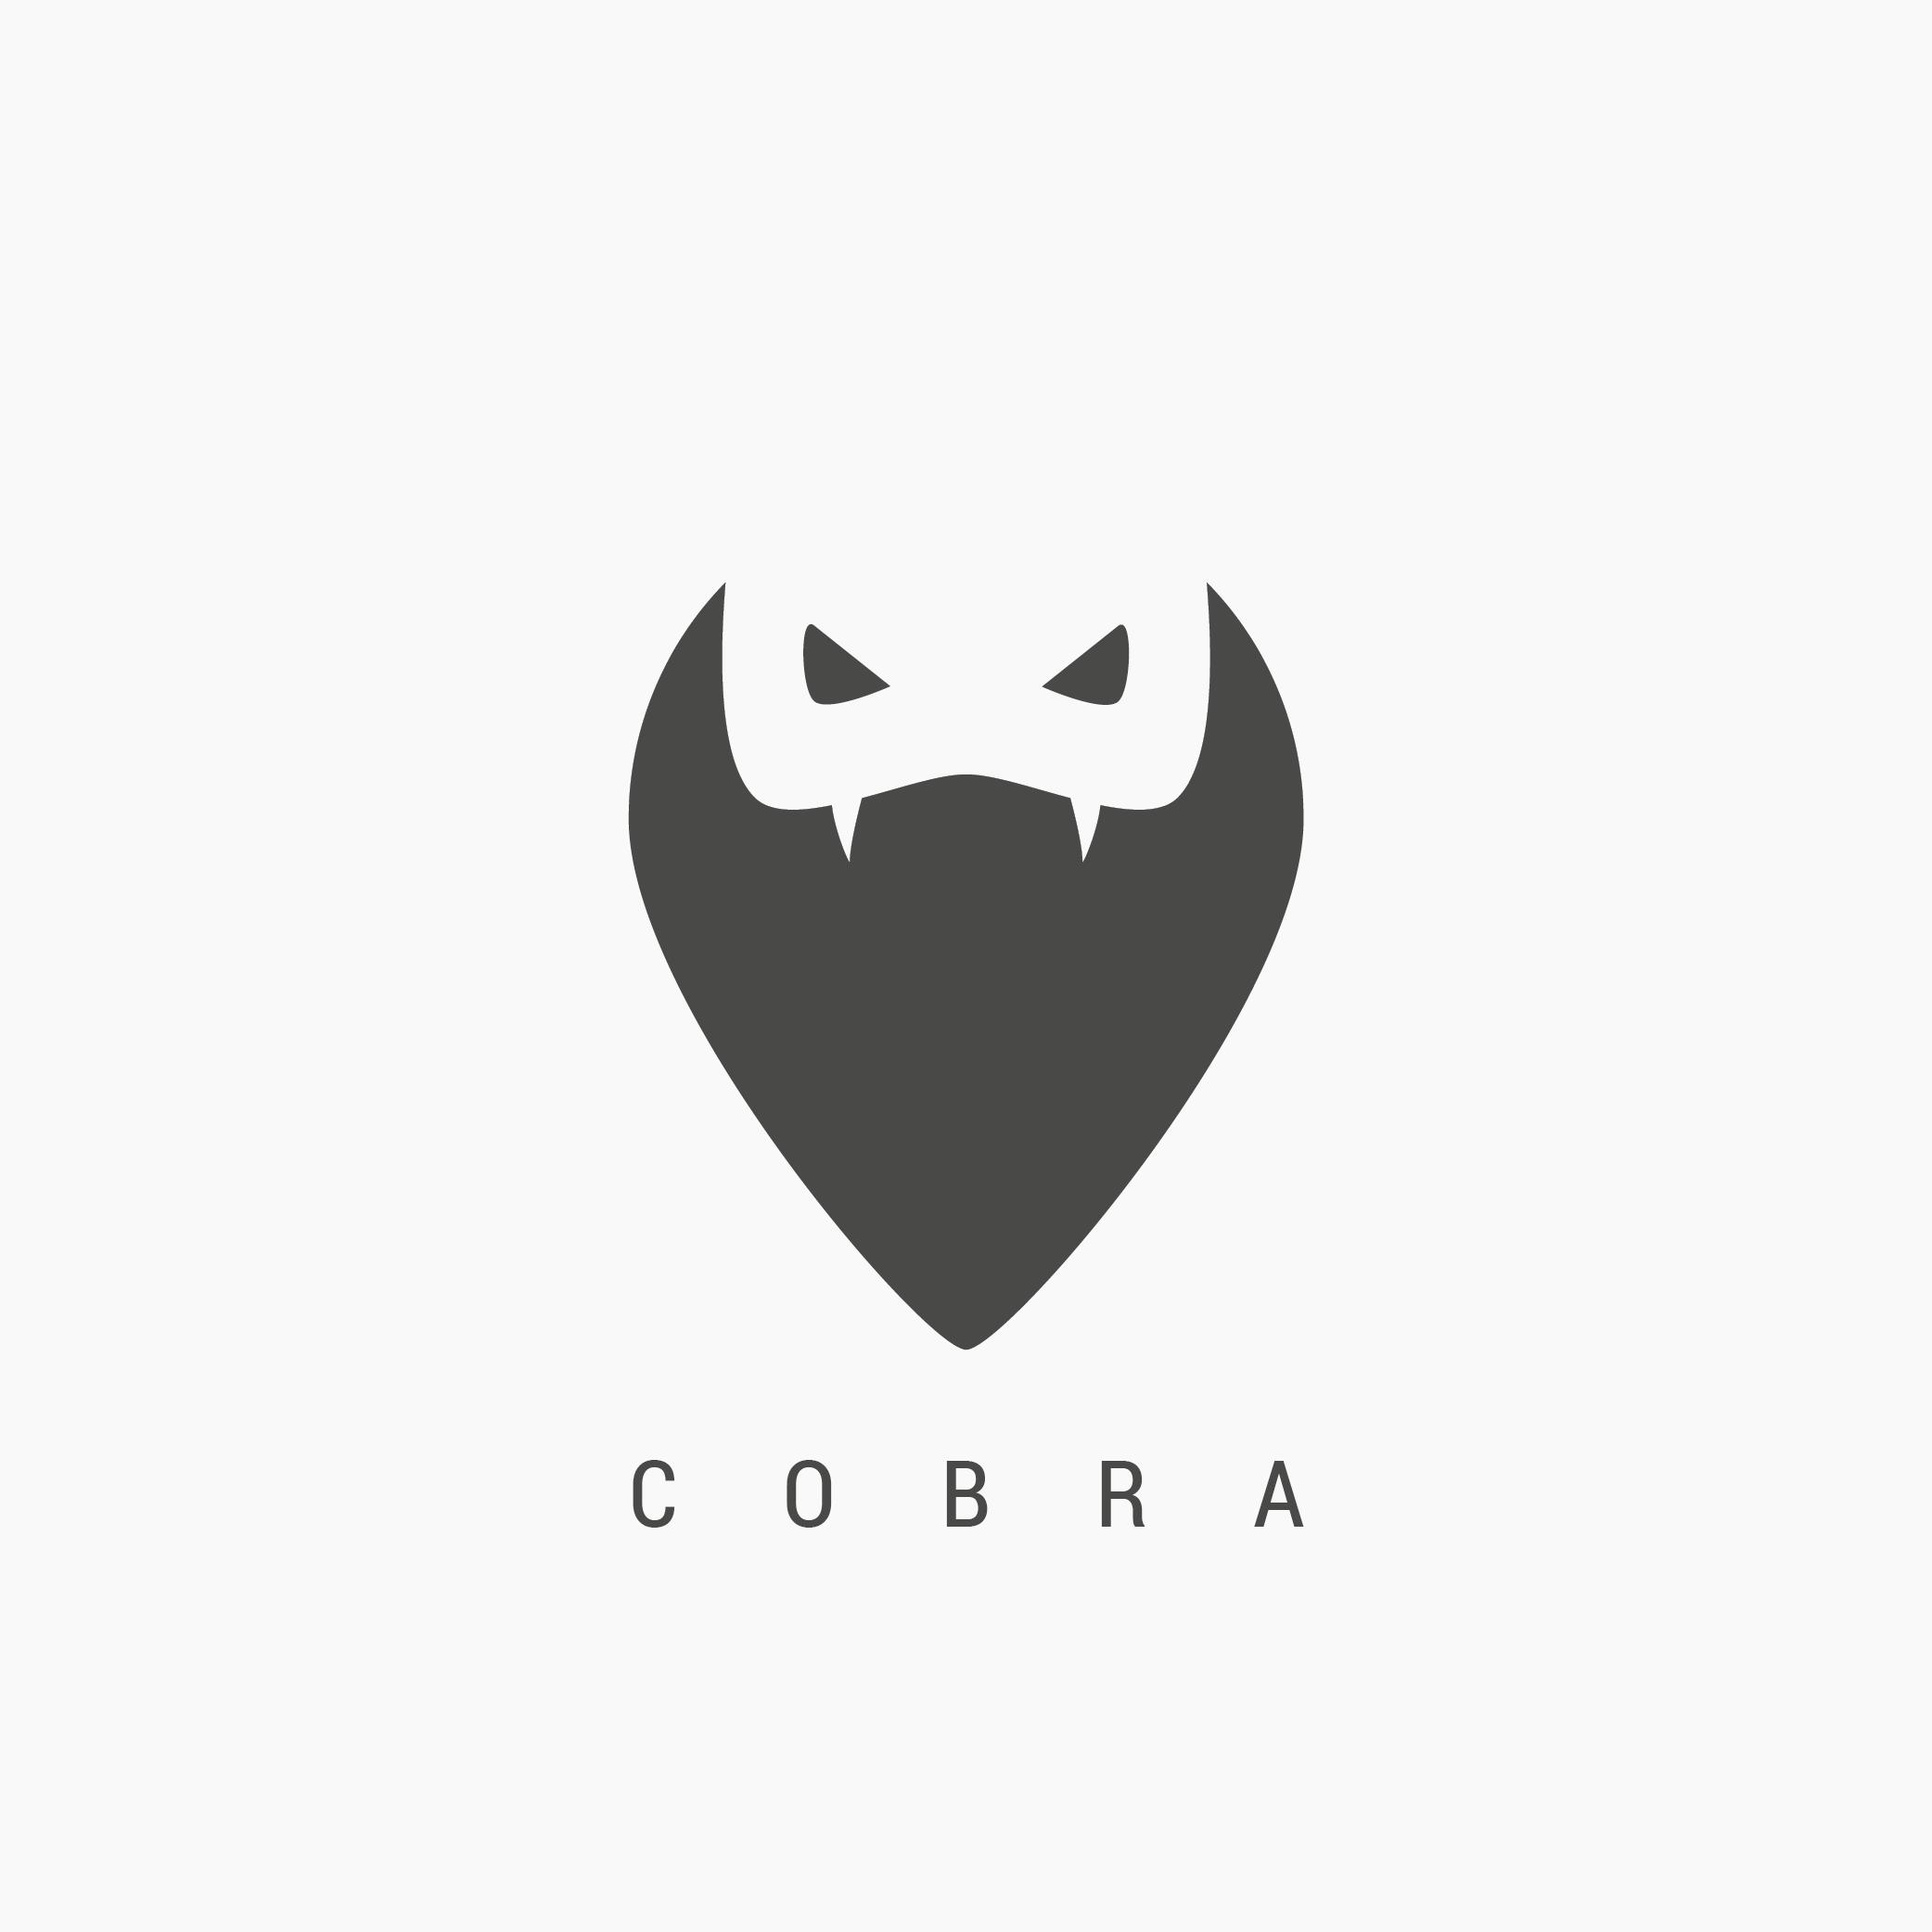 Cobra Logo - Apollo Creative Co - Hampshire Graphic Design